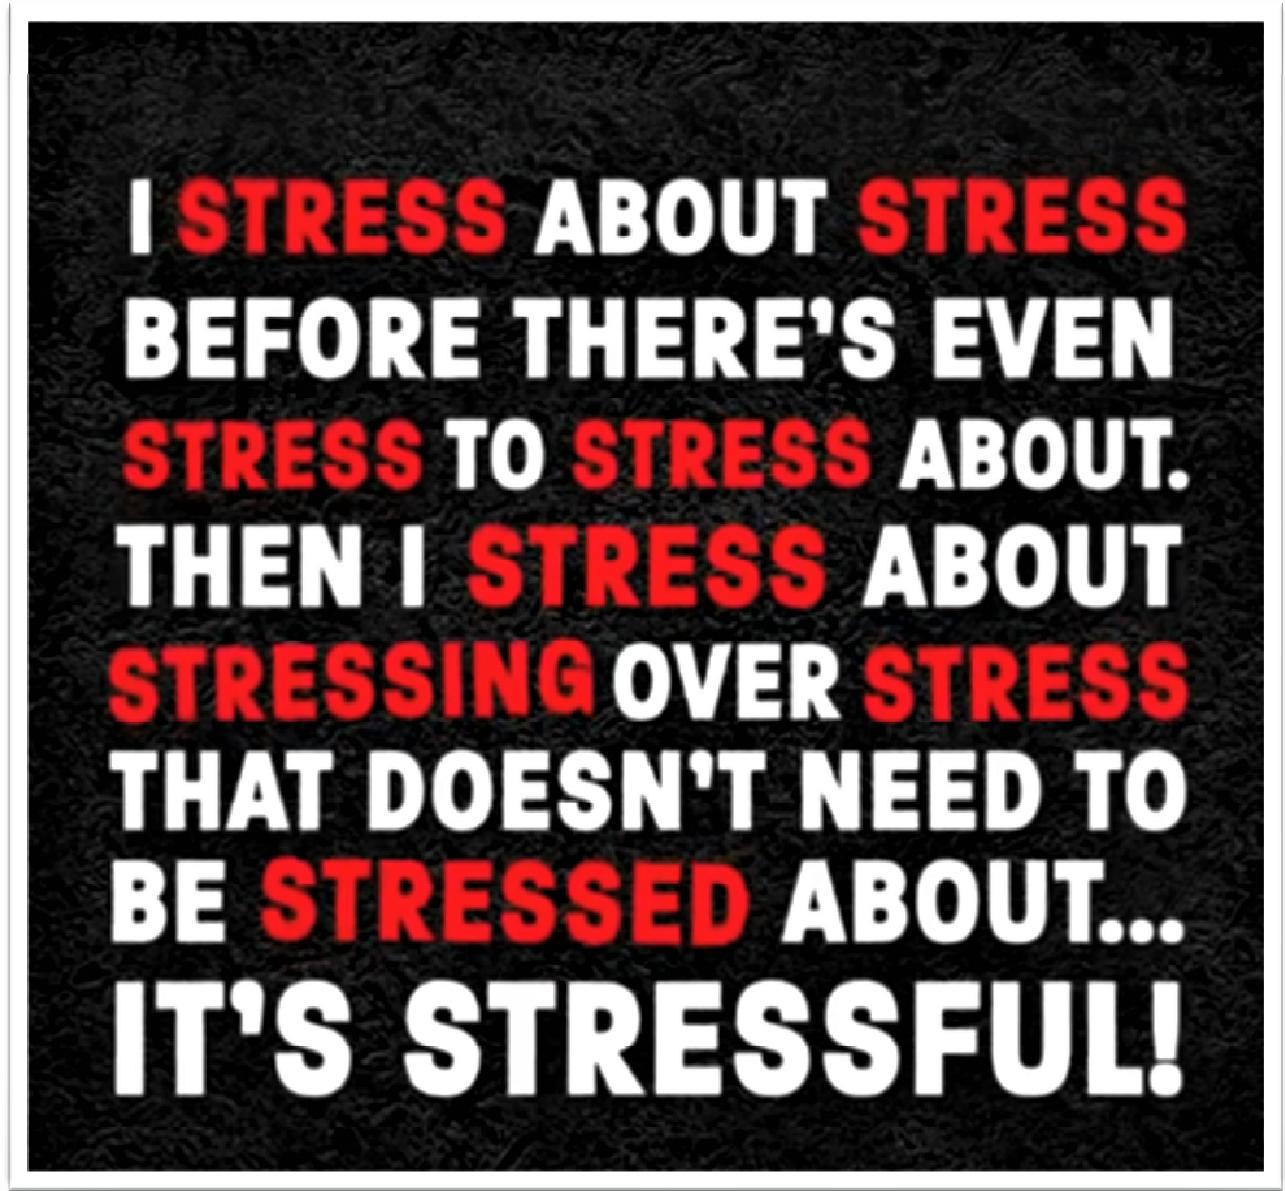 ....    Wenn das stimmt, dann haben wir wirklich ein Problem. Das würde ja heissen, wir könnten ein viel schöneres Leben führen, als wir es tatsächlich tun ! Wir lassen uns viel zu schnell stressen. Das darf nicht sein ! Das müssen wir uns anschauen.    ..    If that is true, we really have a problem. Just imagine, our lives could be so much easier! We get stressed much too easily. Life needn't be so troublesome! Shall we take a look at it?   ....